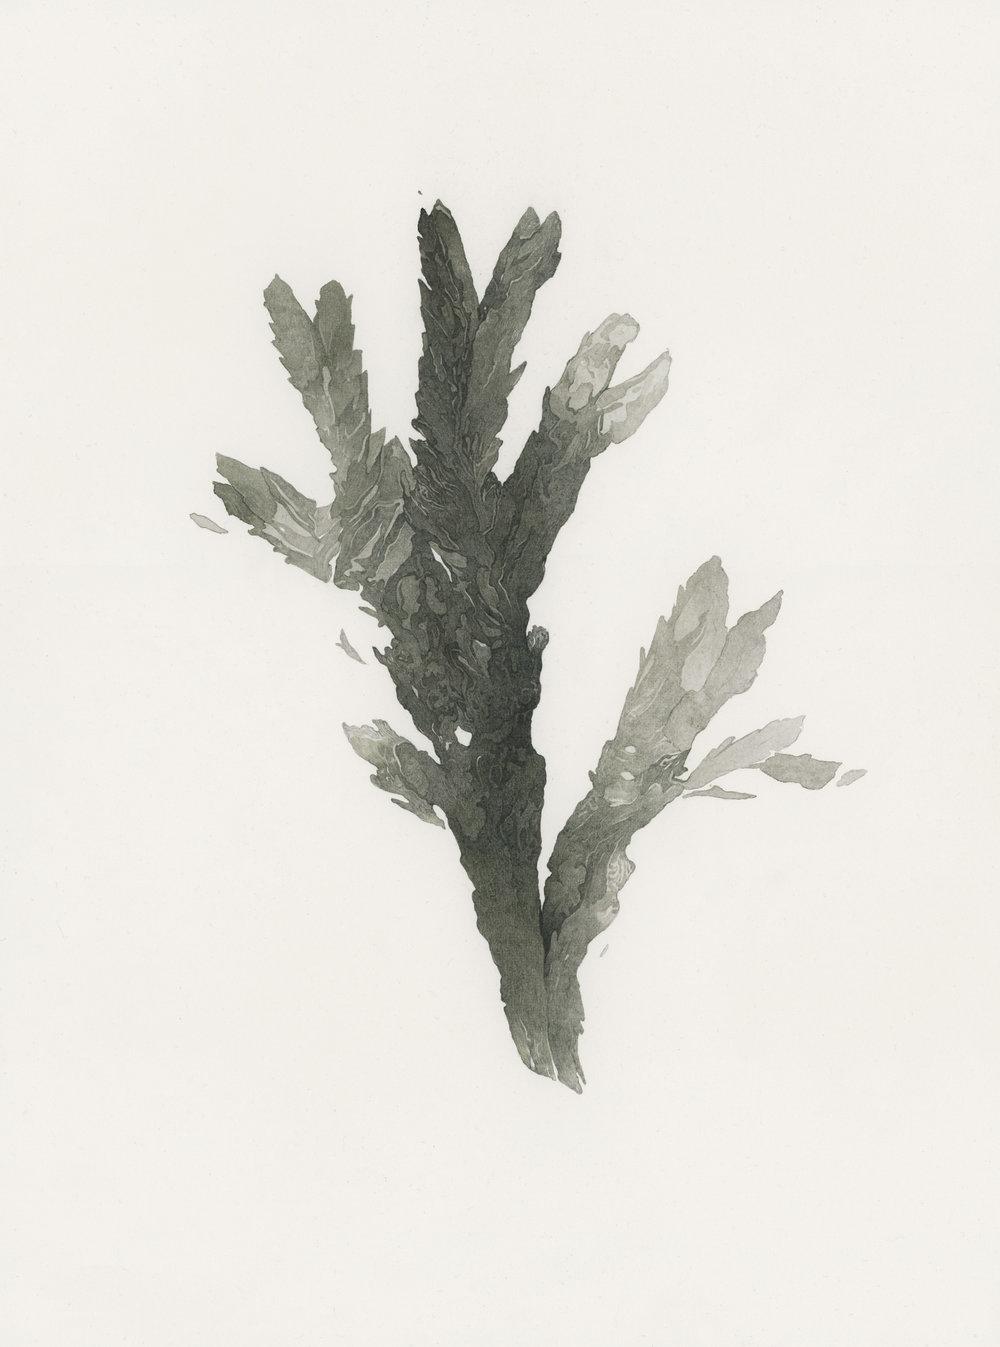 Mélanie Delattre-Vogt, Parlez-moi de votre panthère, Paris-Frankfurt-Den Haag, aquarelle, encre, sang et crayon gris sur papier, 31 x 23 cm, 2017.